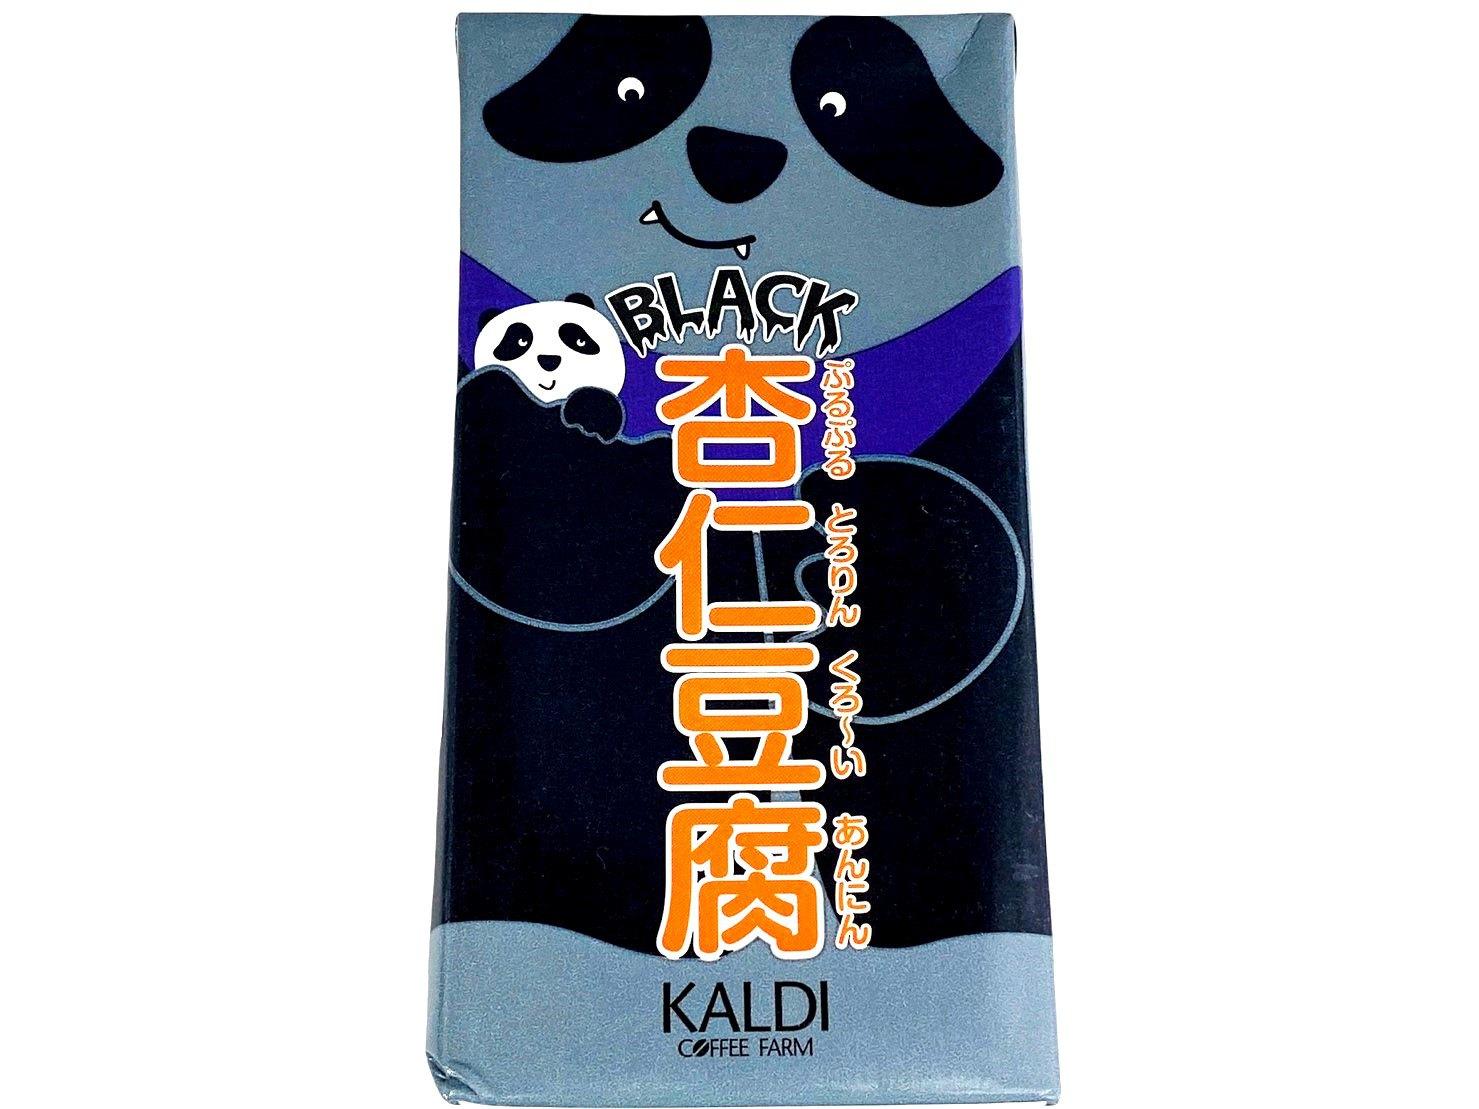 ブラックパンダがみんなの大好きな杏仁豆腐をくろ~くしてしまった!果たしてそのお味は・・・